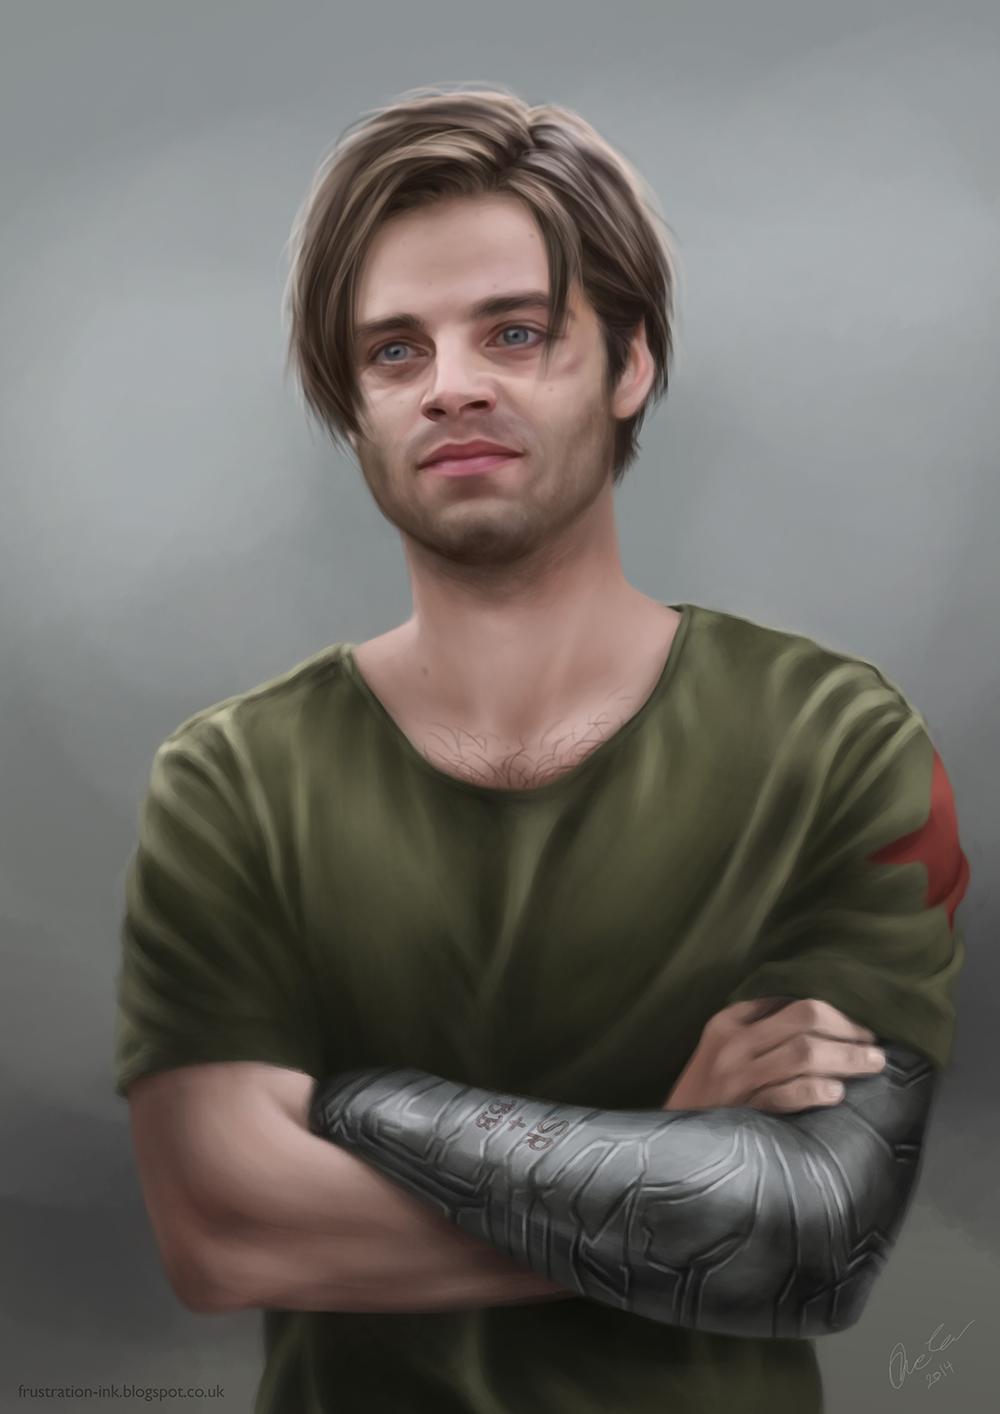 Bucky - Wikipedia